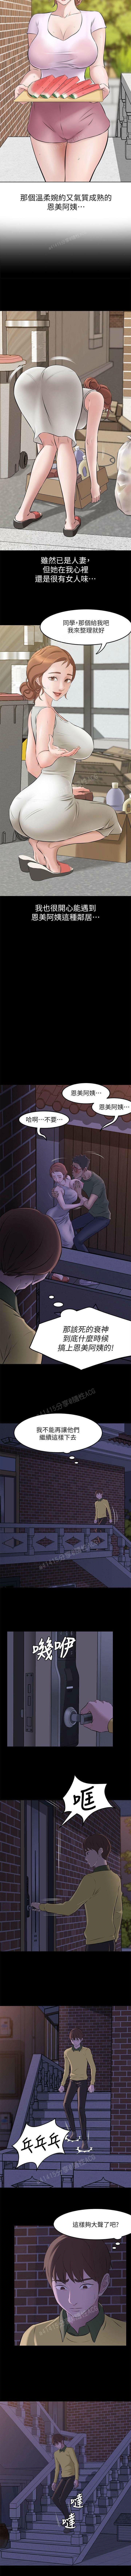 panty note 小褲褲筆記 小裤裤笔记 01-35 连载中 中文 重新排序 Reorder 14